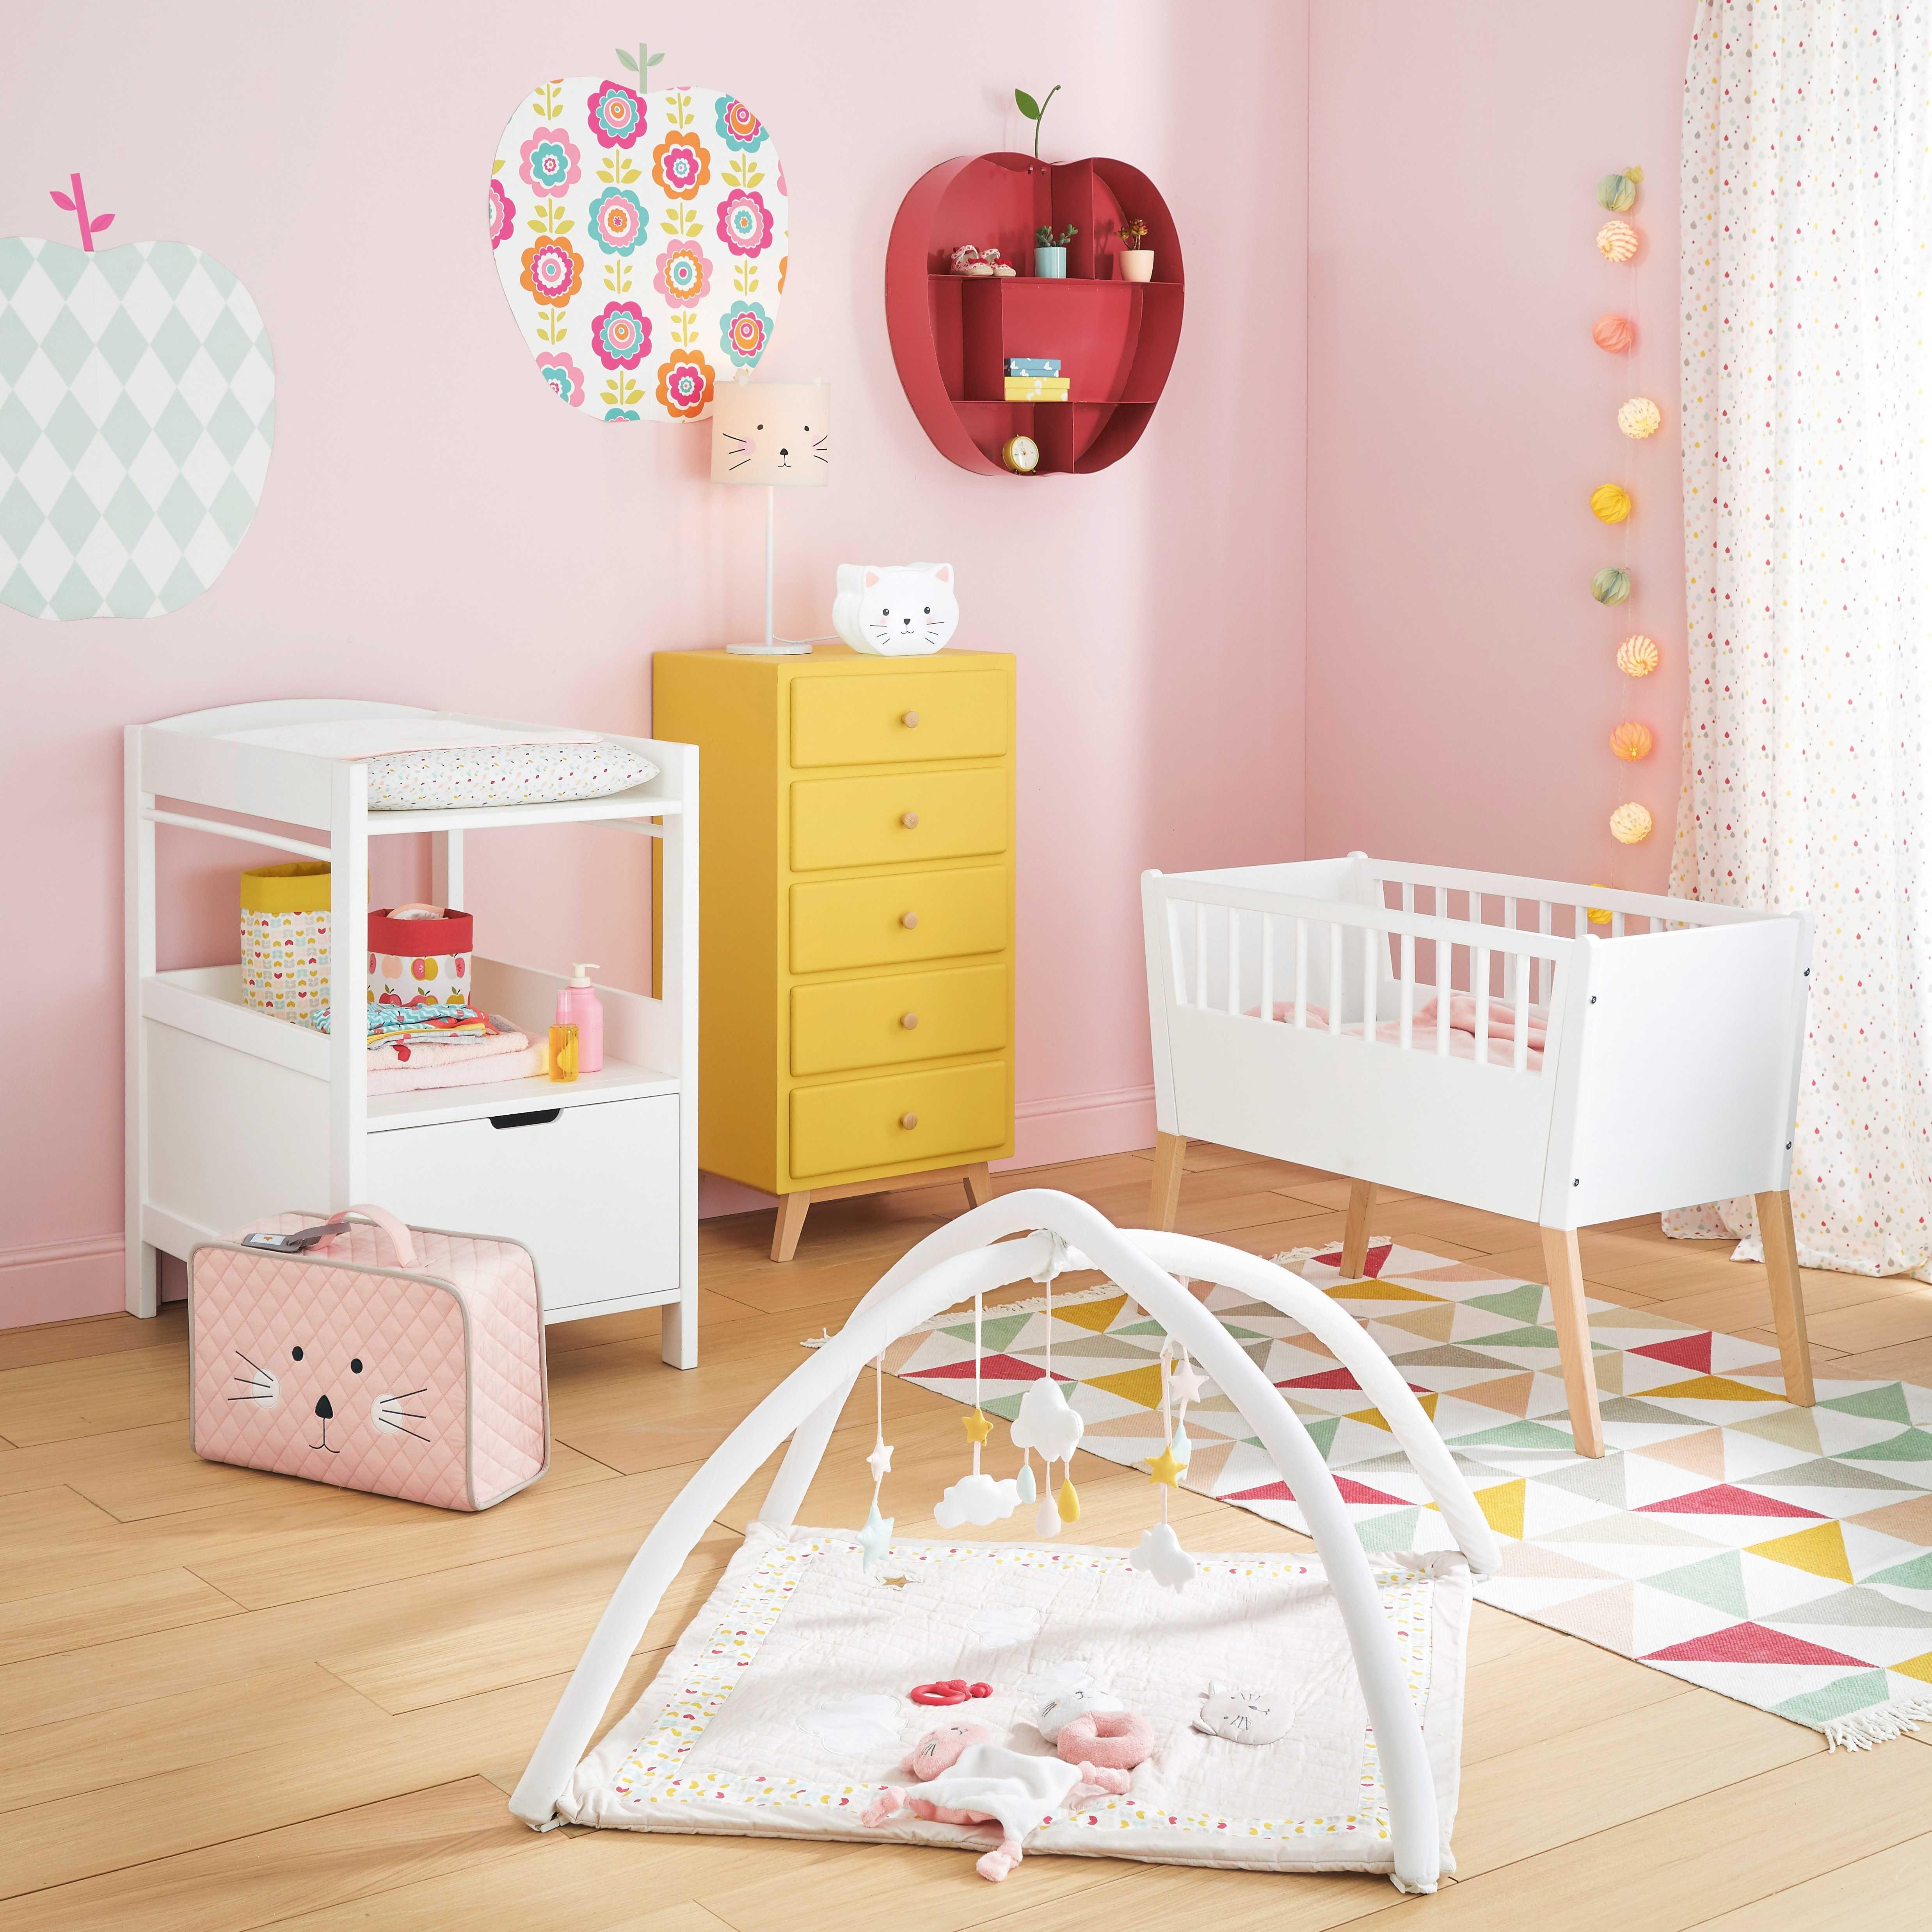 16 chat bebe Veilleuse chambre bébéChambre H cmDéco EW9IDH2